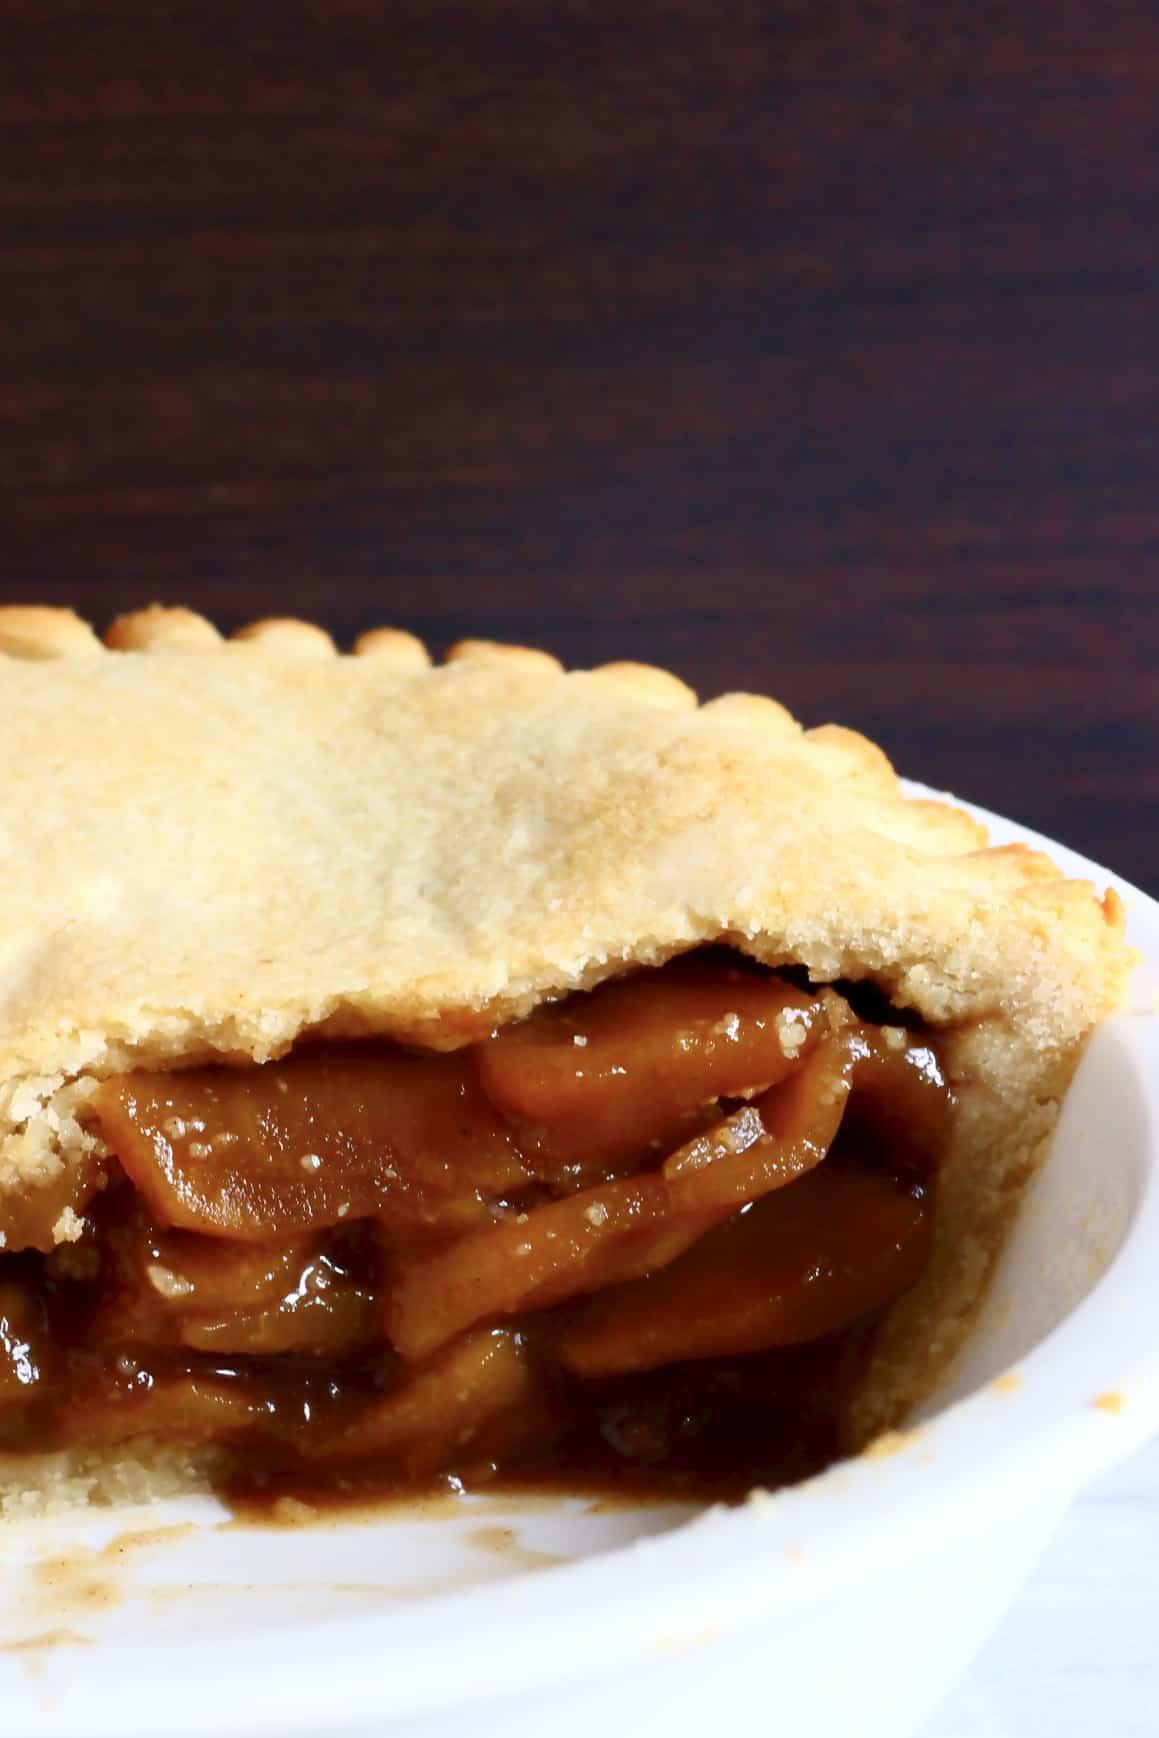 A sliced gluten-free vegan apple pie in a white pie dish